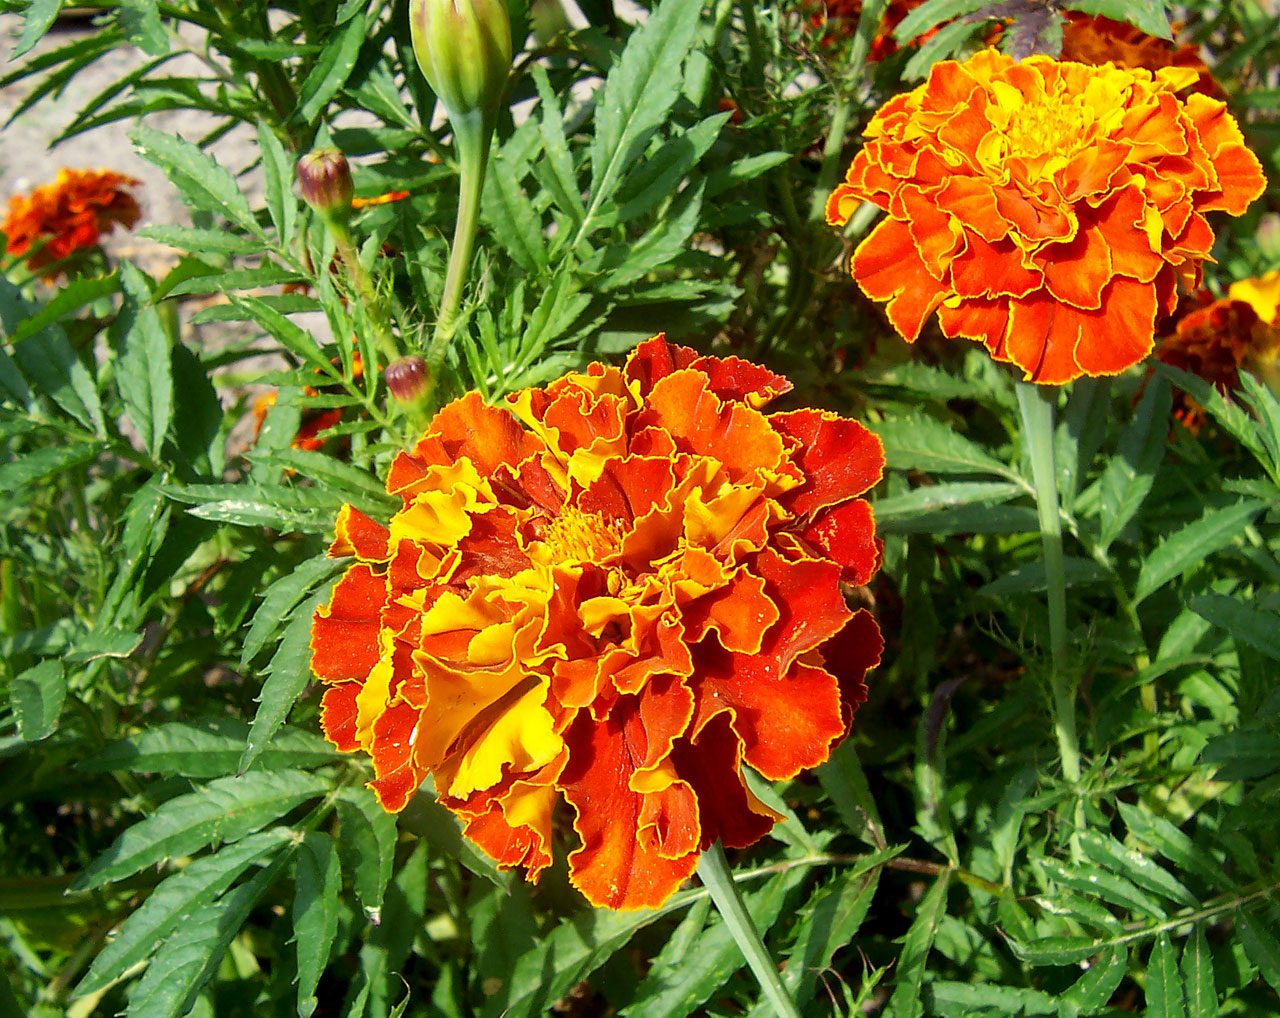 Merigold flower